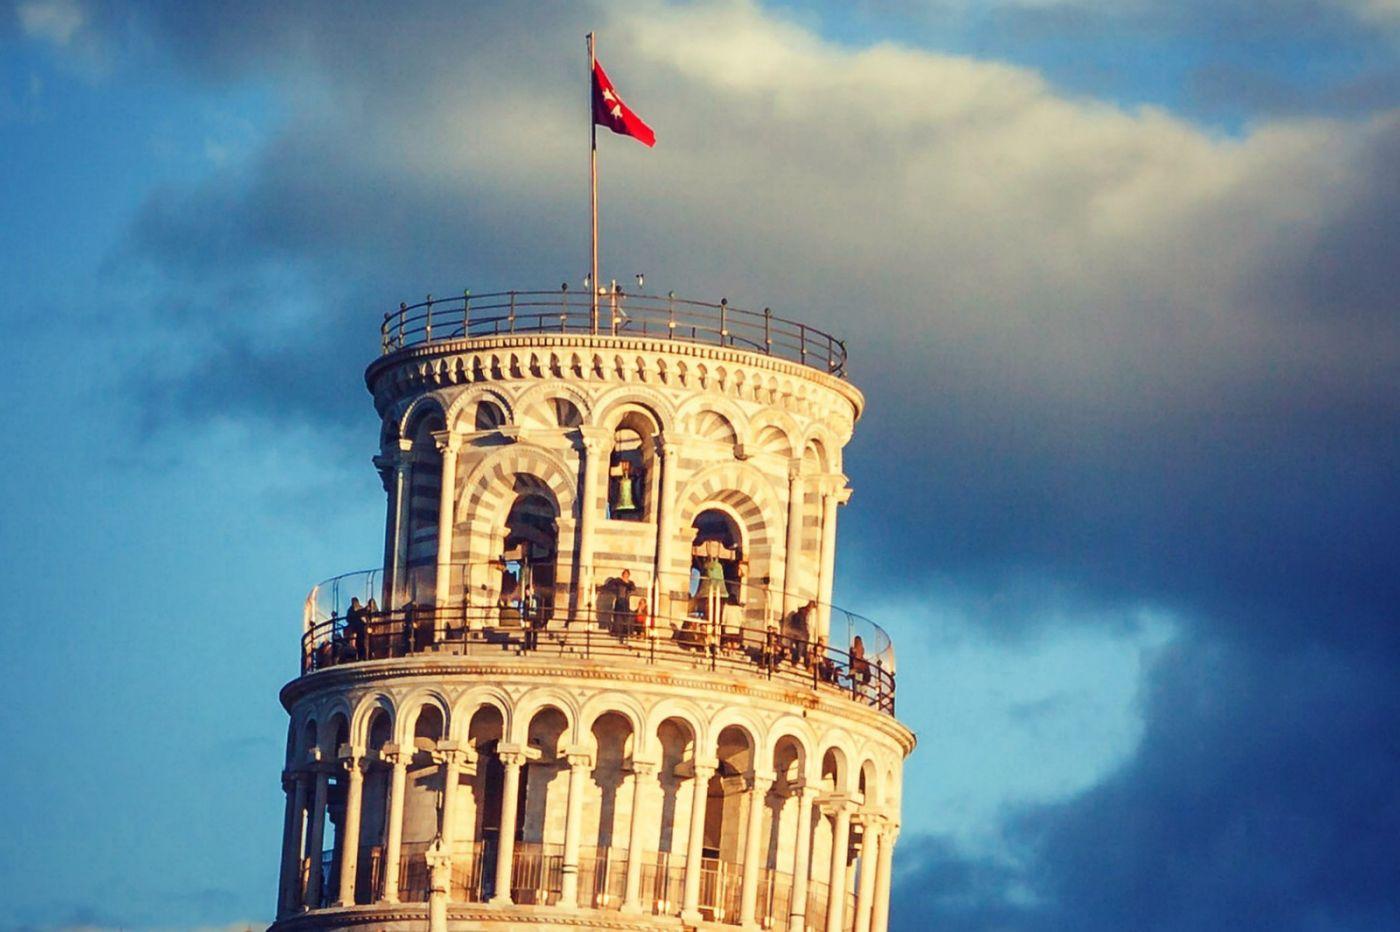 意大利比萨斜塔,塔旁的建筑群_图1-13